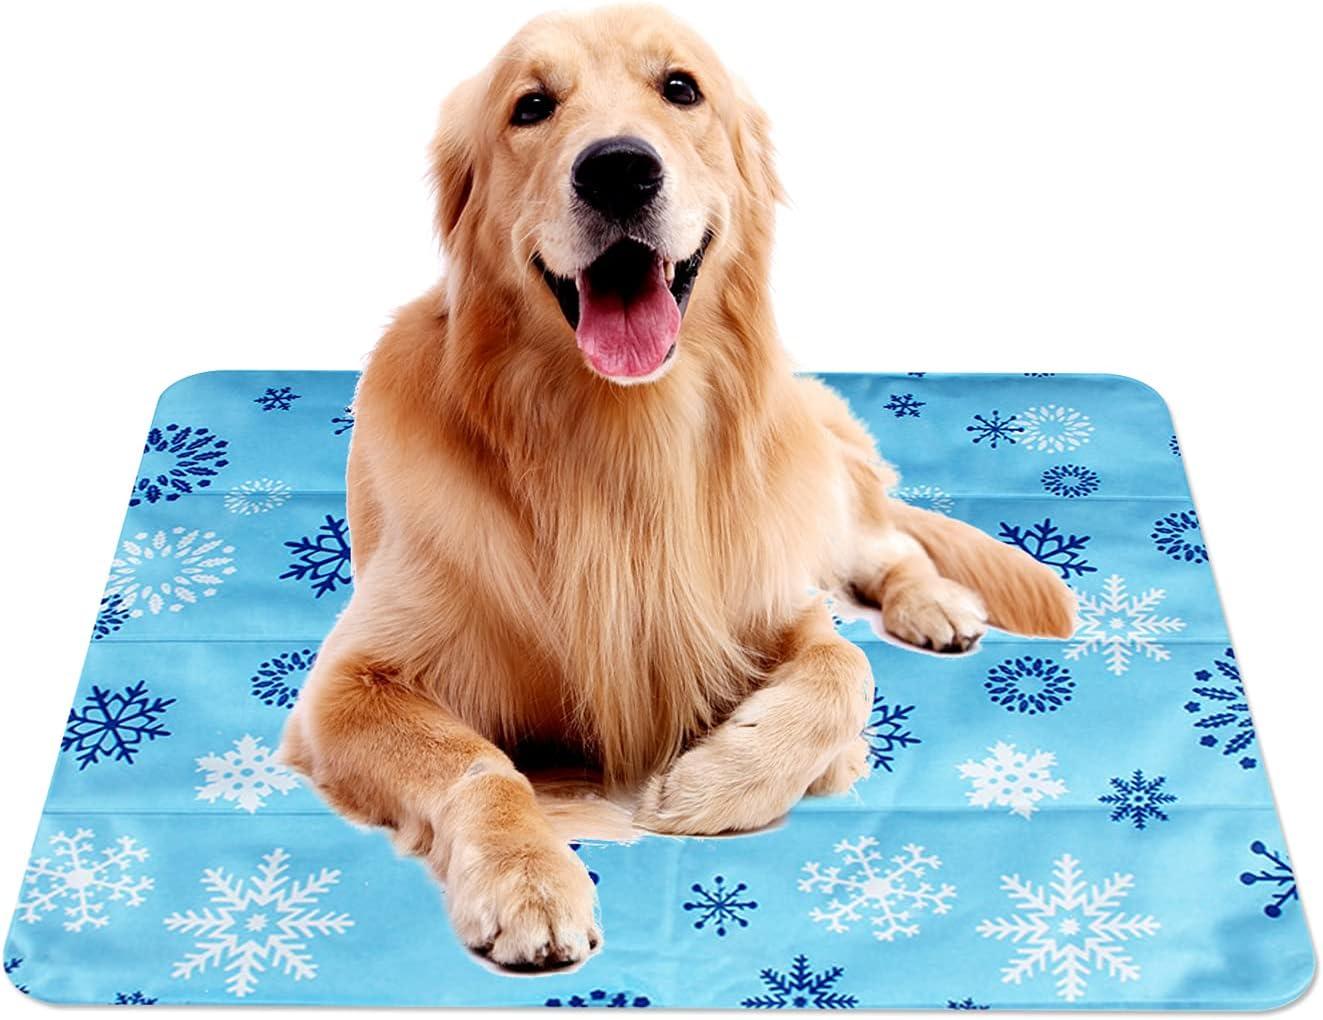 Gwotfy Alfombrilla de Refrigeración para Perros y Gatos, Enfriamiento para Camas de Mascotas, Alfombrilla para Animales, Gel no Tóxico, Autoenfriante, Alfombra Refrescante para uso Interior y Exterior